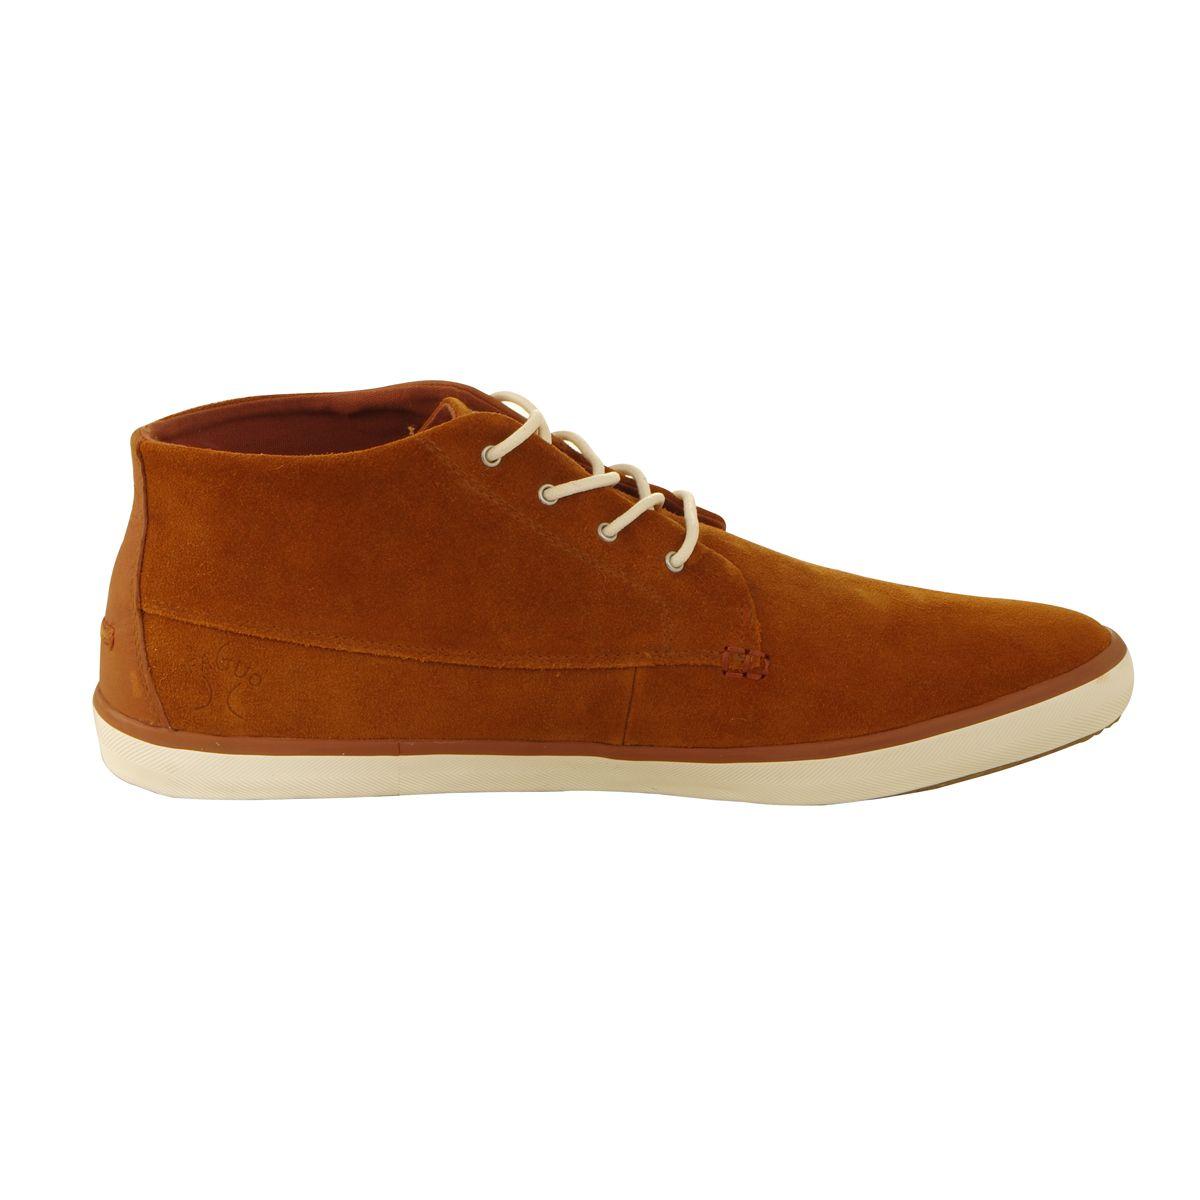 chaussures mi haute marron grande taille du 47 au 49. Black Bedroom Furniture Sets. Home Design Ideas